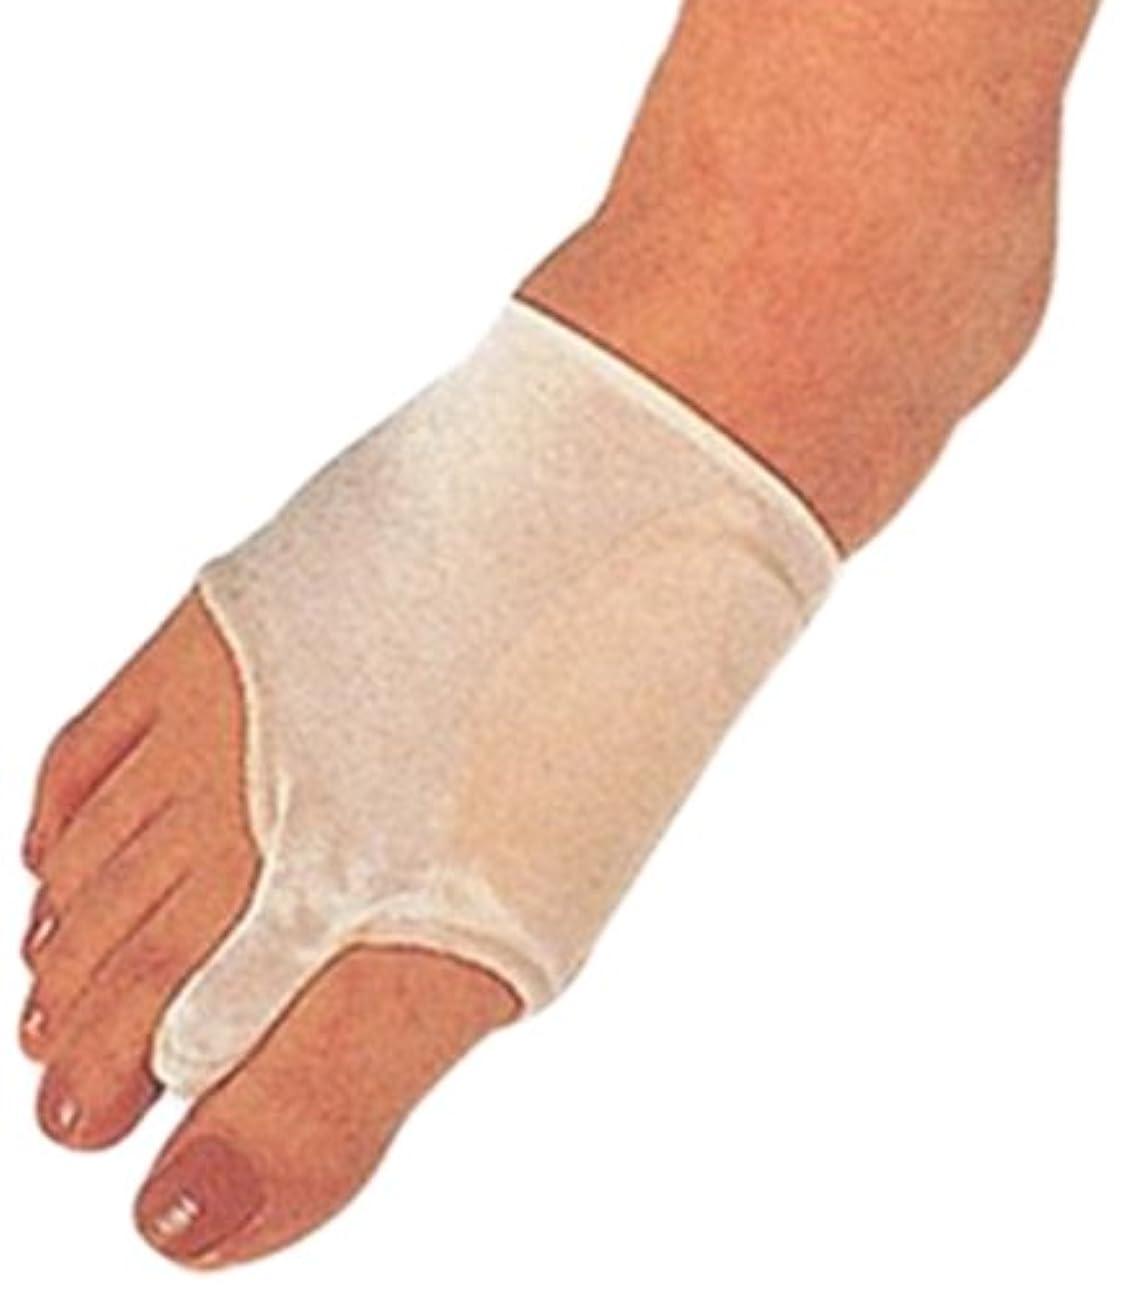 個人的な洞察力失礼SORBO(ソルボ) ソルボ外反母趾サポーター薄型(片方入り/左足用/Lサイズ) 8ZA167